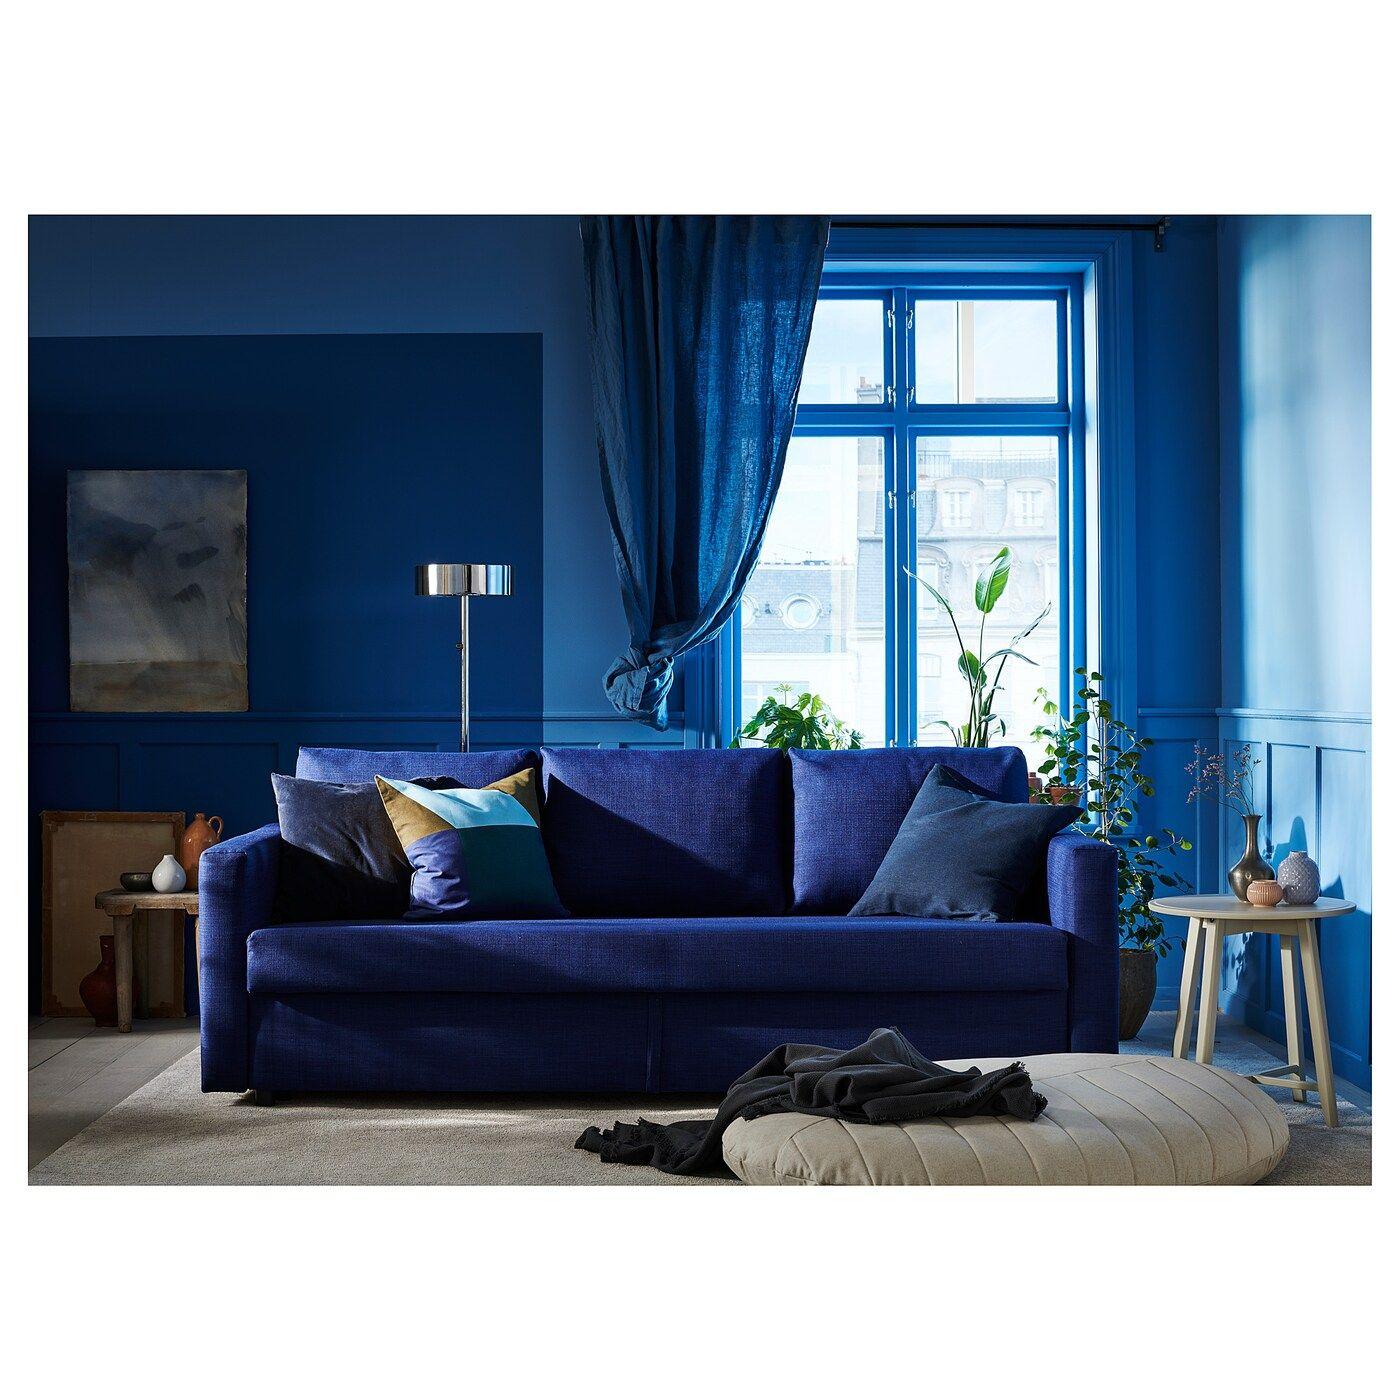 Friheten 3er Bettsofa Skiftebo Blau Ikea Osterreich Blue Velvet Sofa Living Room Sleeper Sofa Velvet Sofa Living Room